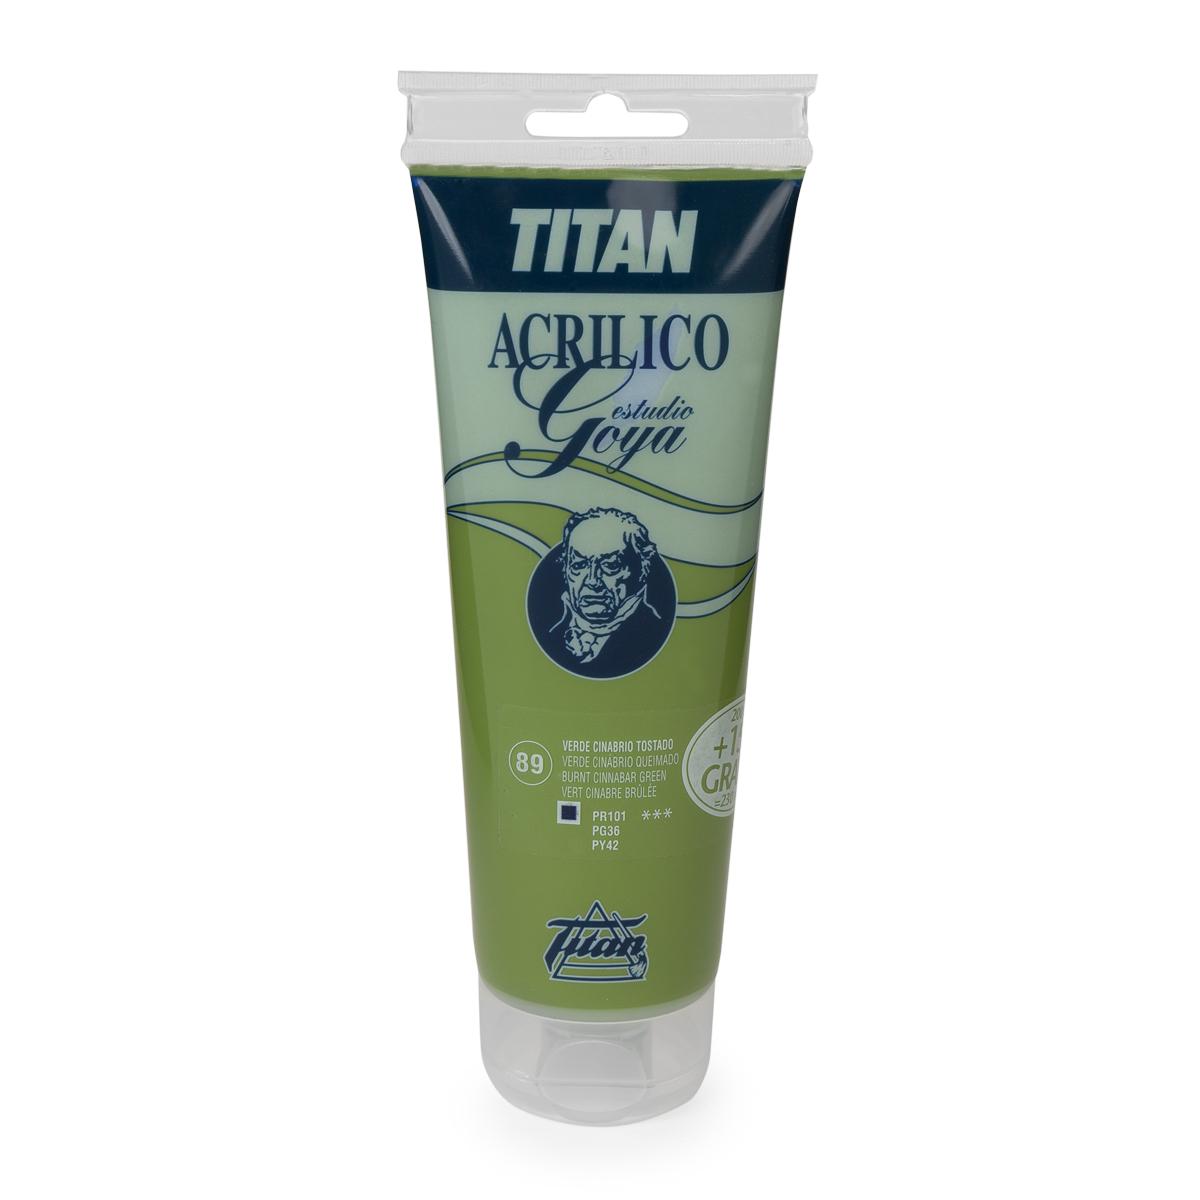 ACRILICO GOYA TITAN 230ML...